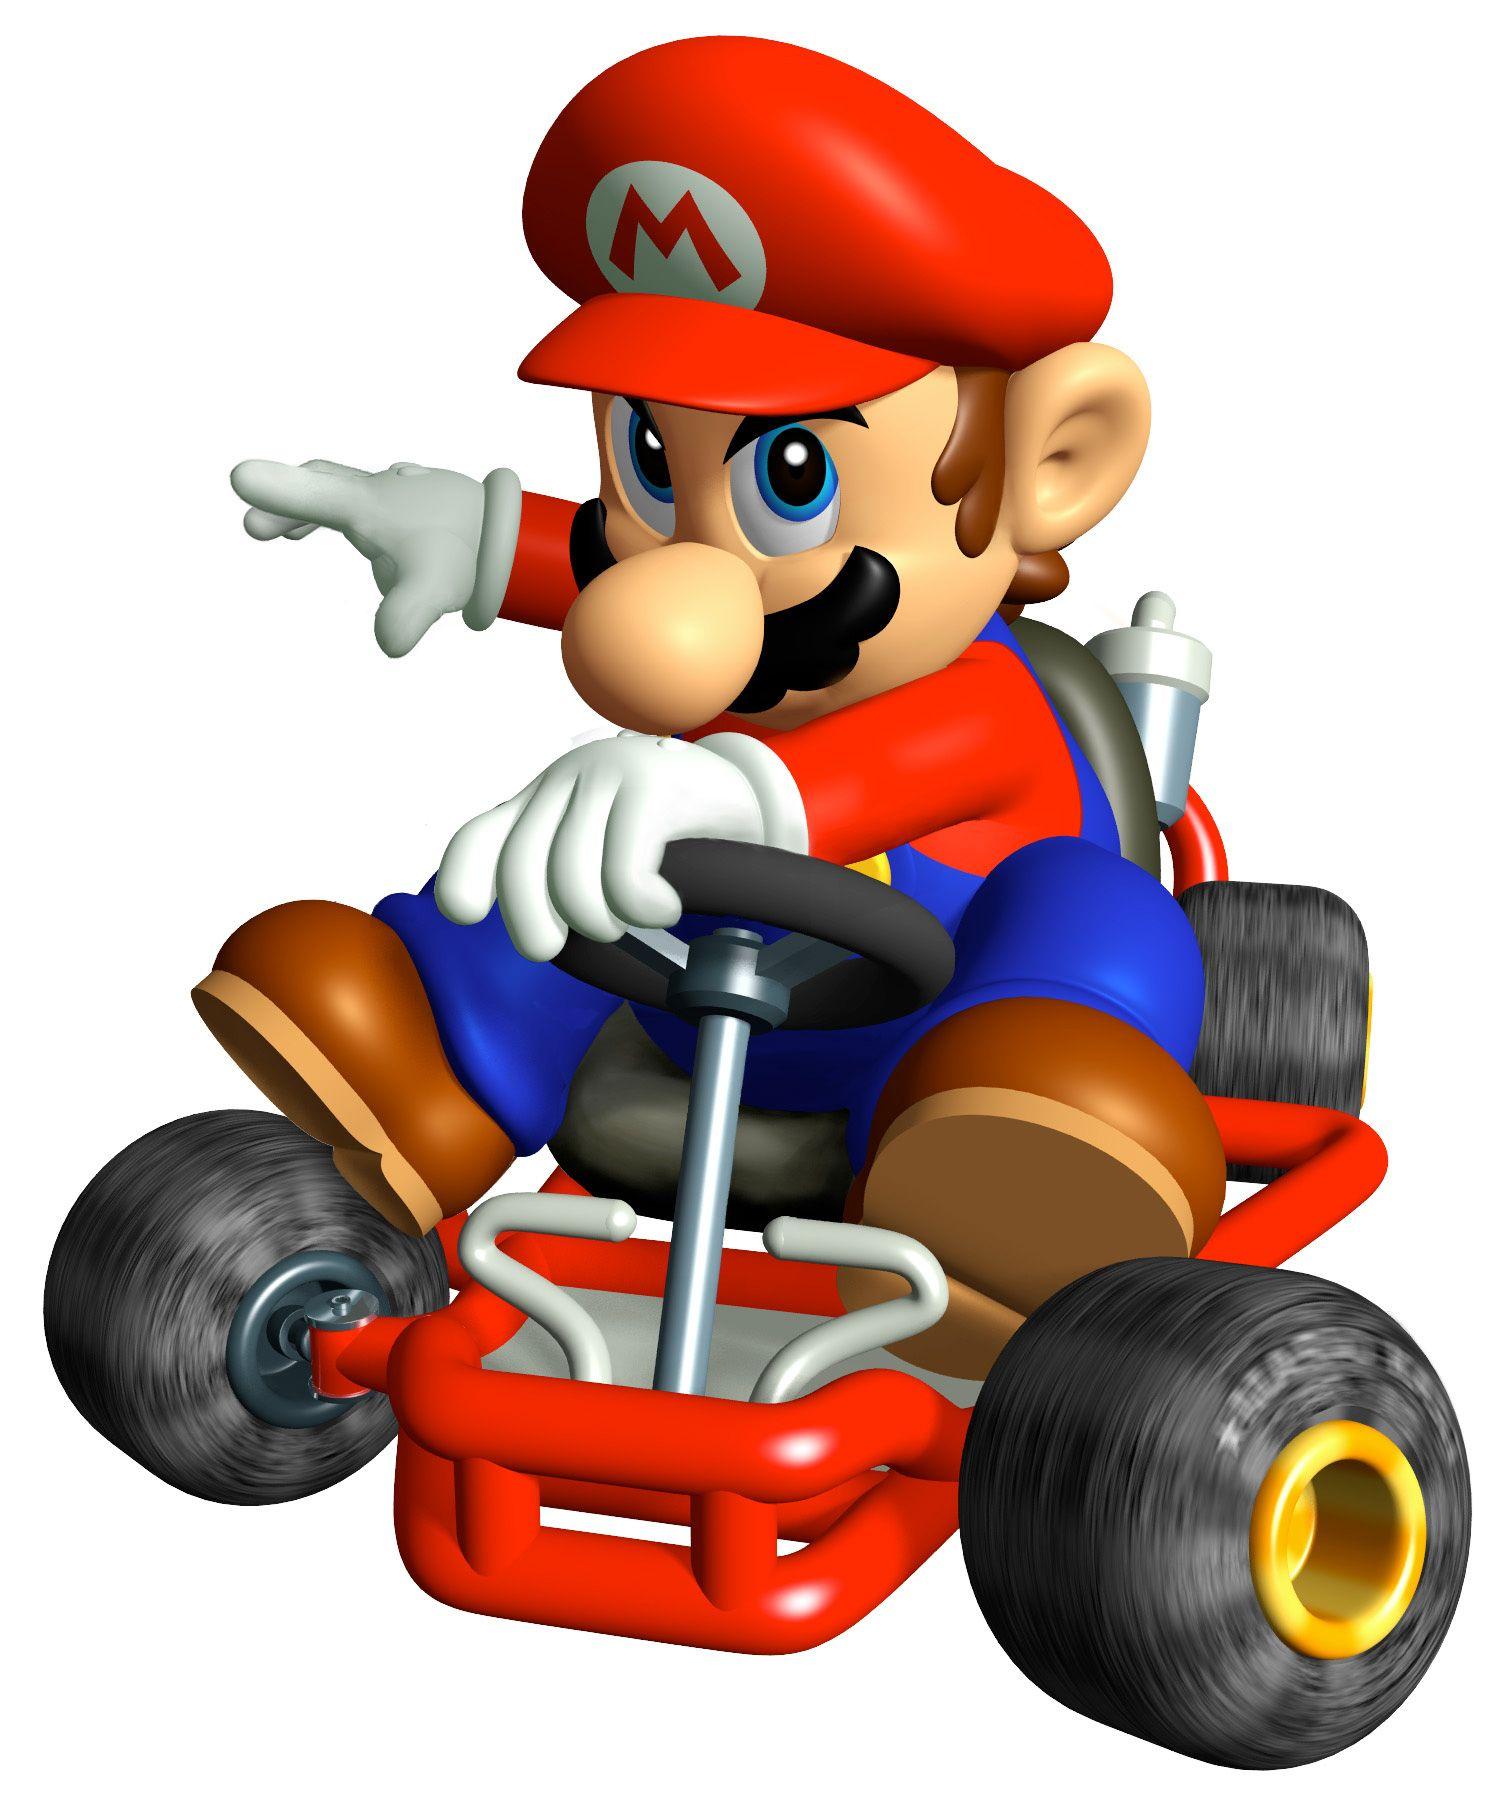 Donkey kong mario kart wii car tuning - Mario Kart Weeeeeeee Pink14 Com